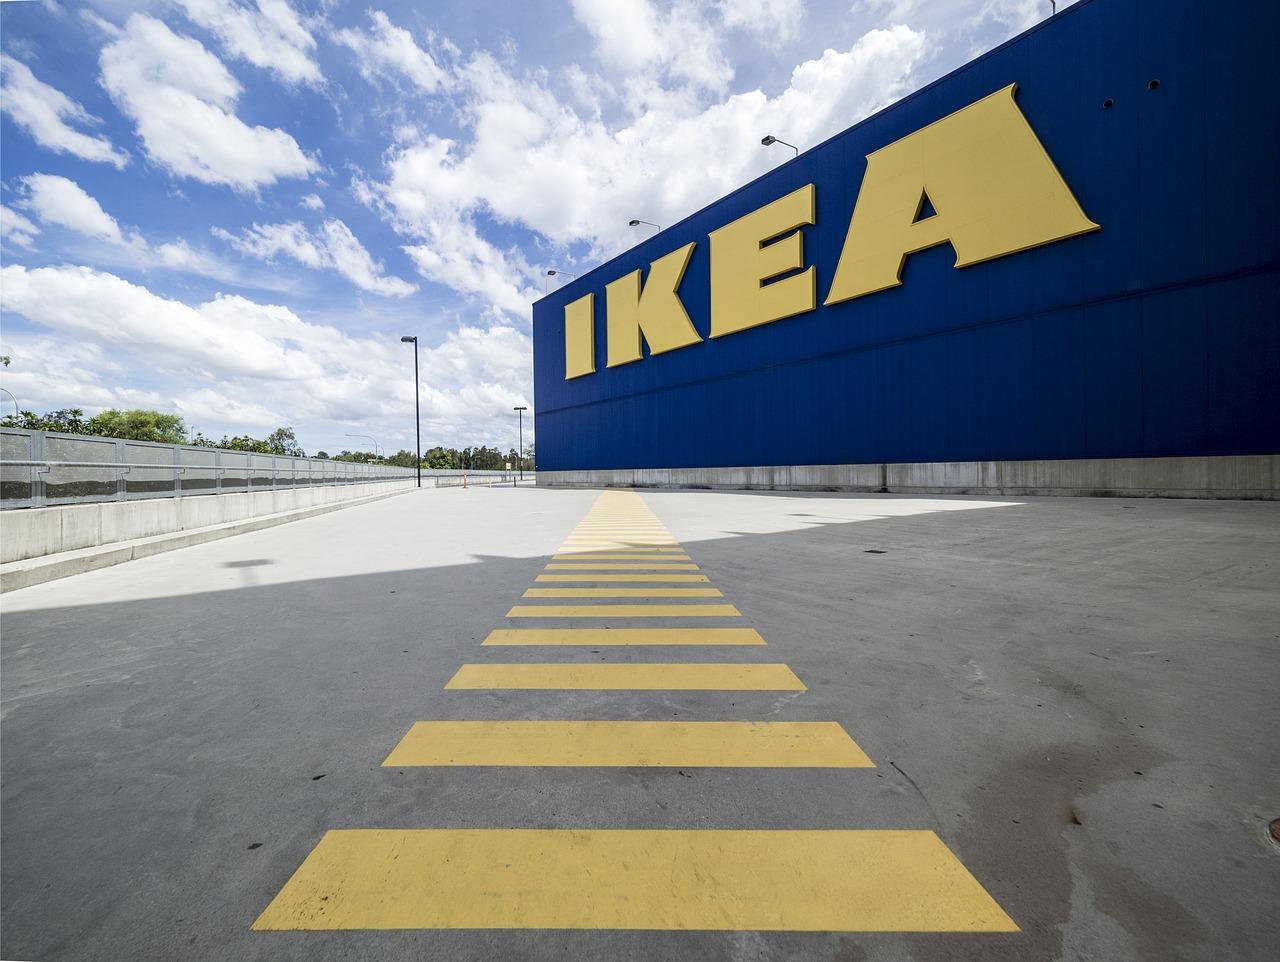 Ikea s'installe au cœur de Paris